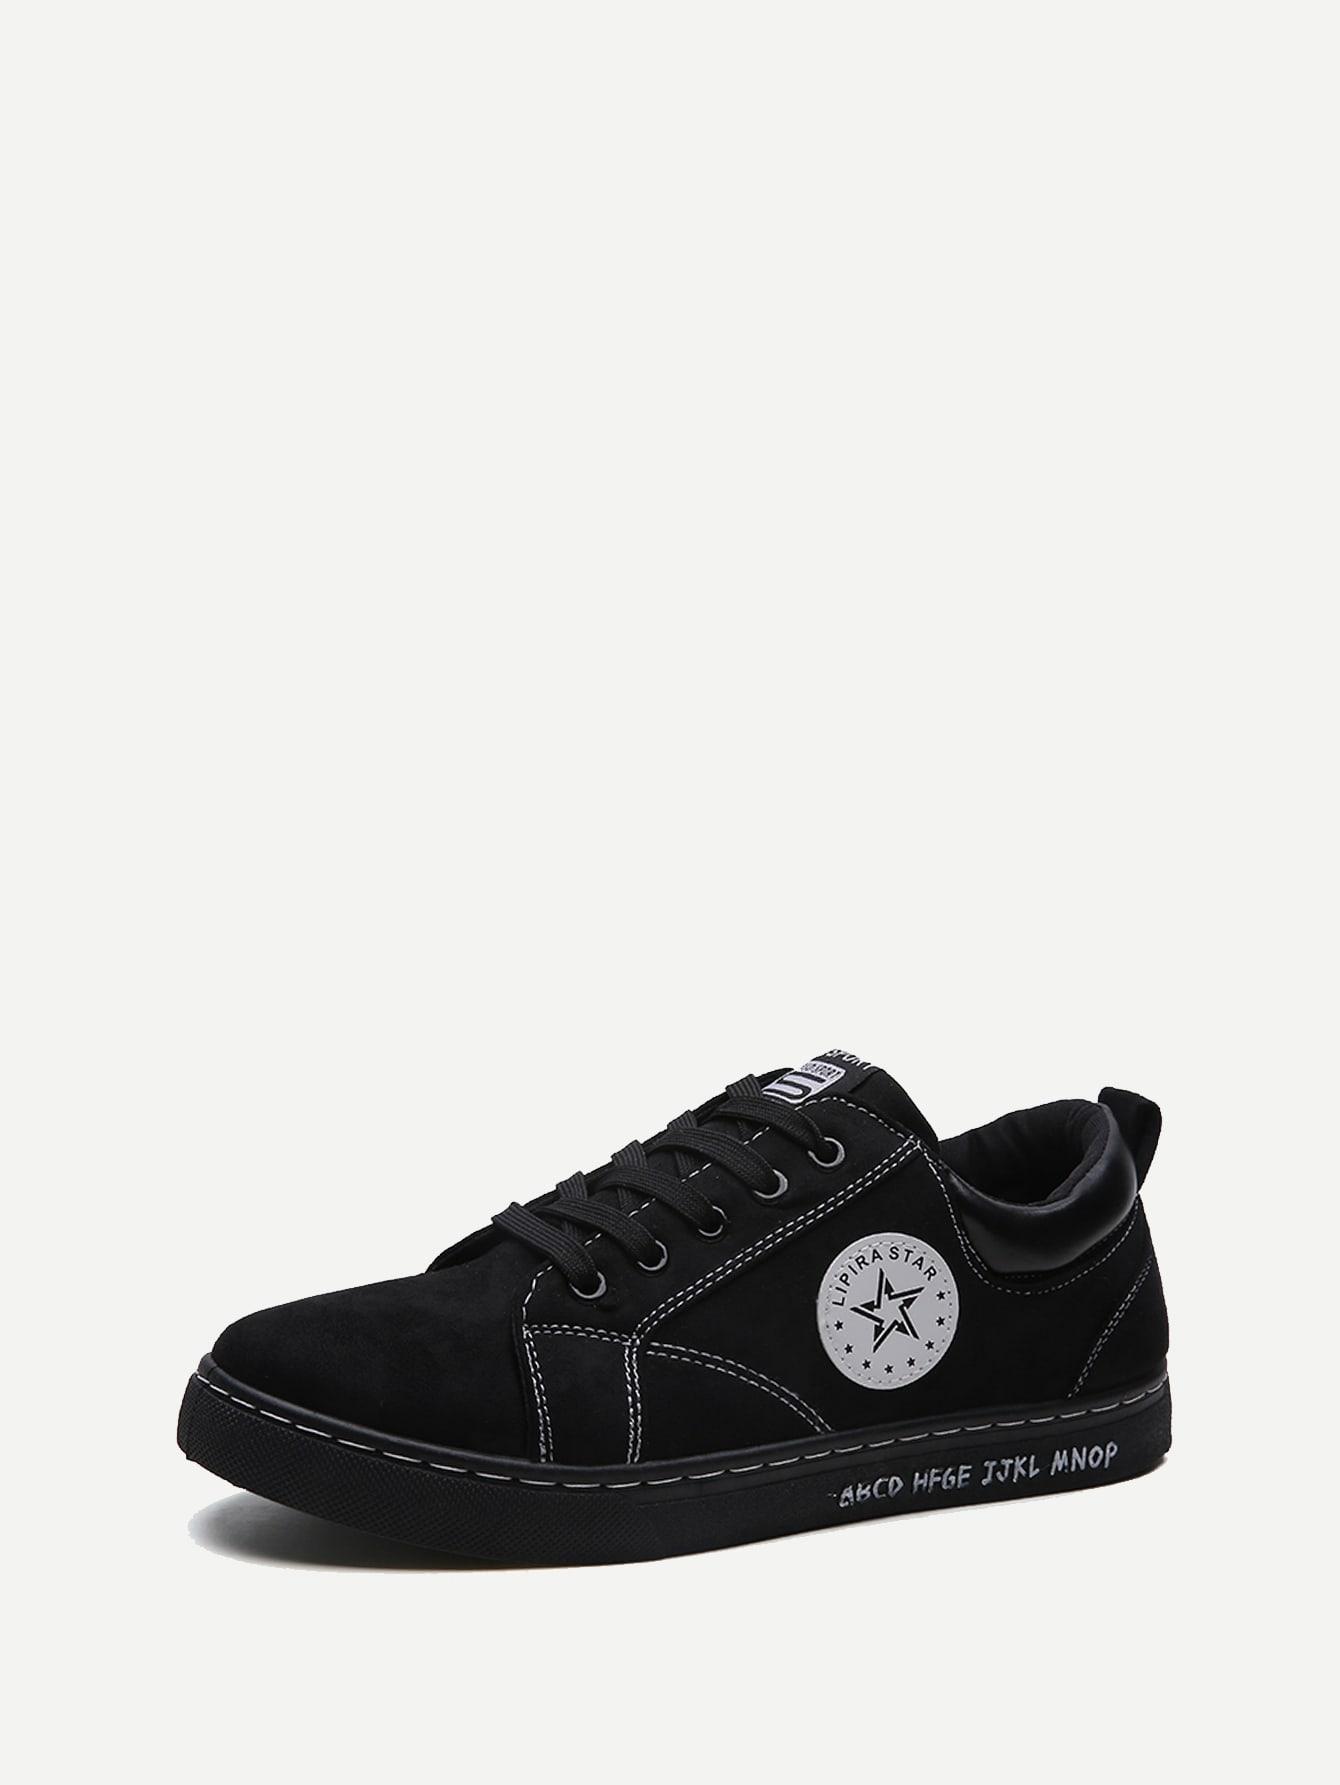 Купить Мужская спортивная обувь с шнуровкой и звездой, null, SheIn